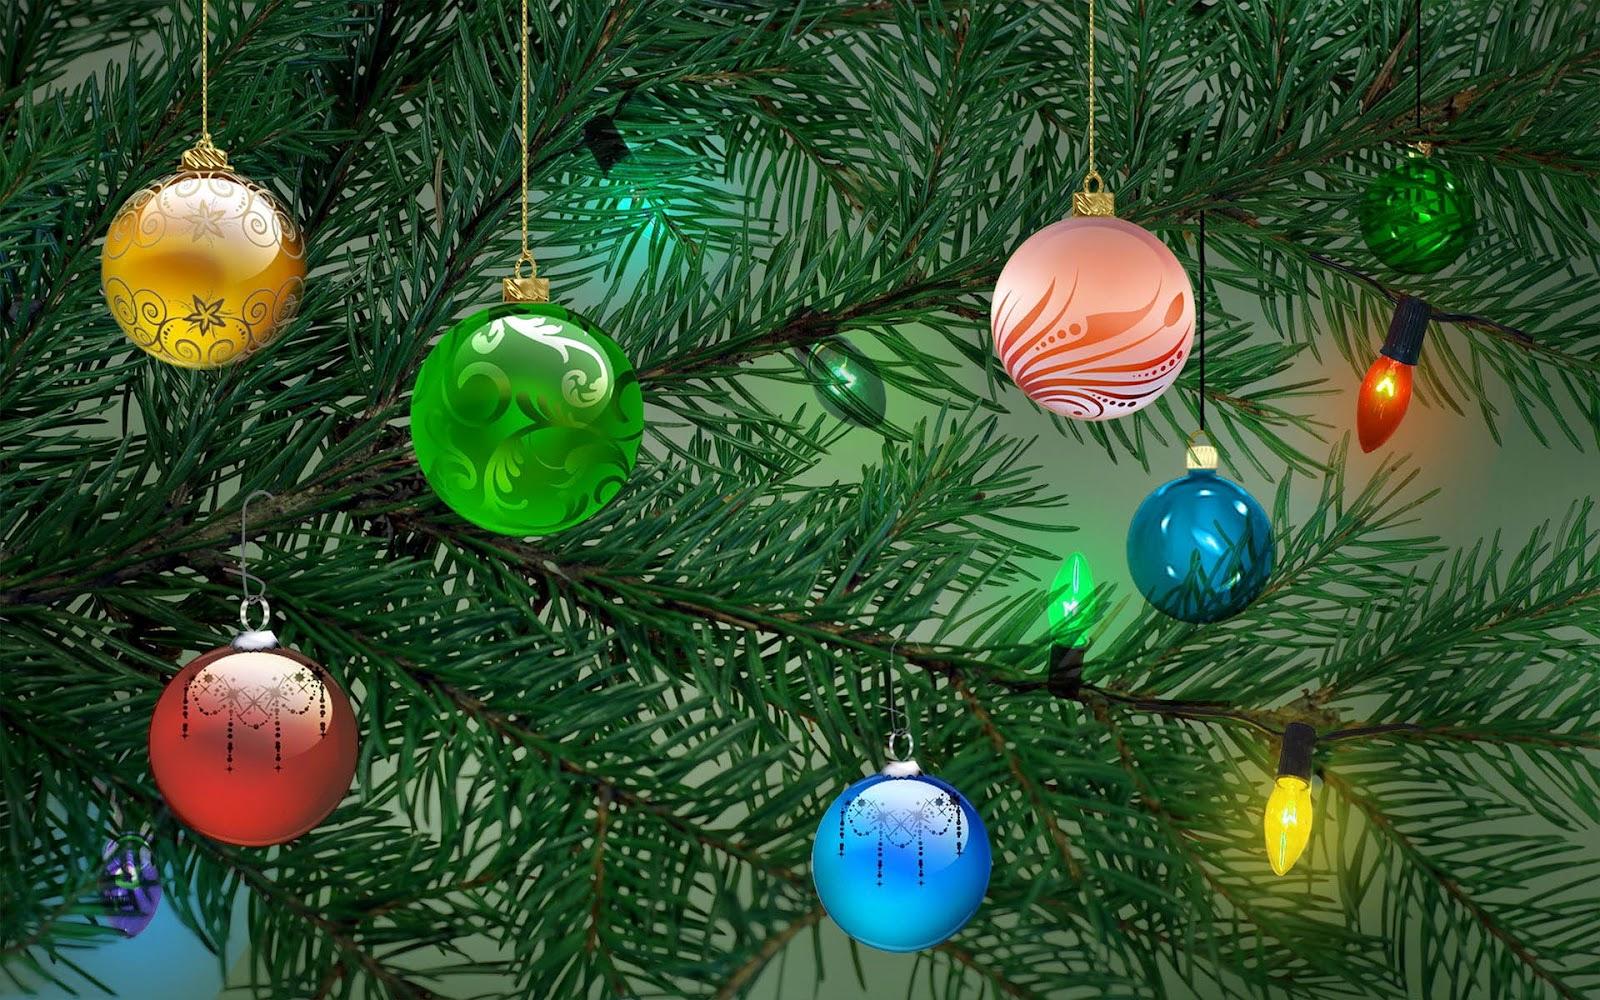 http://3.bp.blogspot.com/-DIPdaDVdTiM/UFBQCW9gAJI/AAAAAAAAHa0/k7eOURkW11M/s1600/hd-3d-kerst-achtergrond-met-kerstboom-kerstballen-en-kerstverlichting-wallpaper.jpg